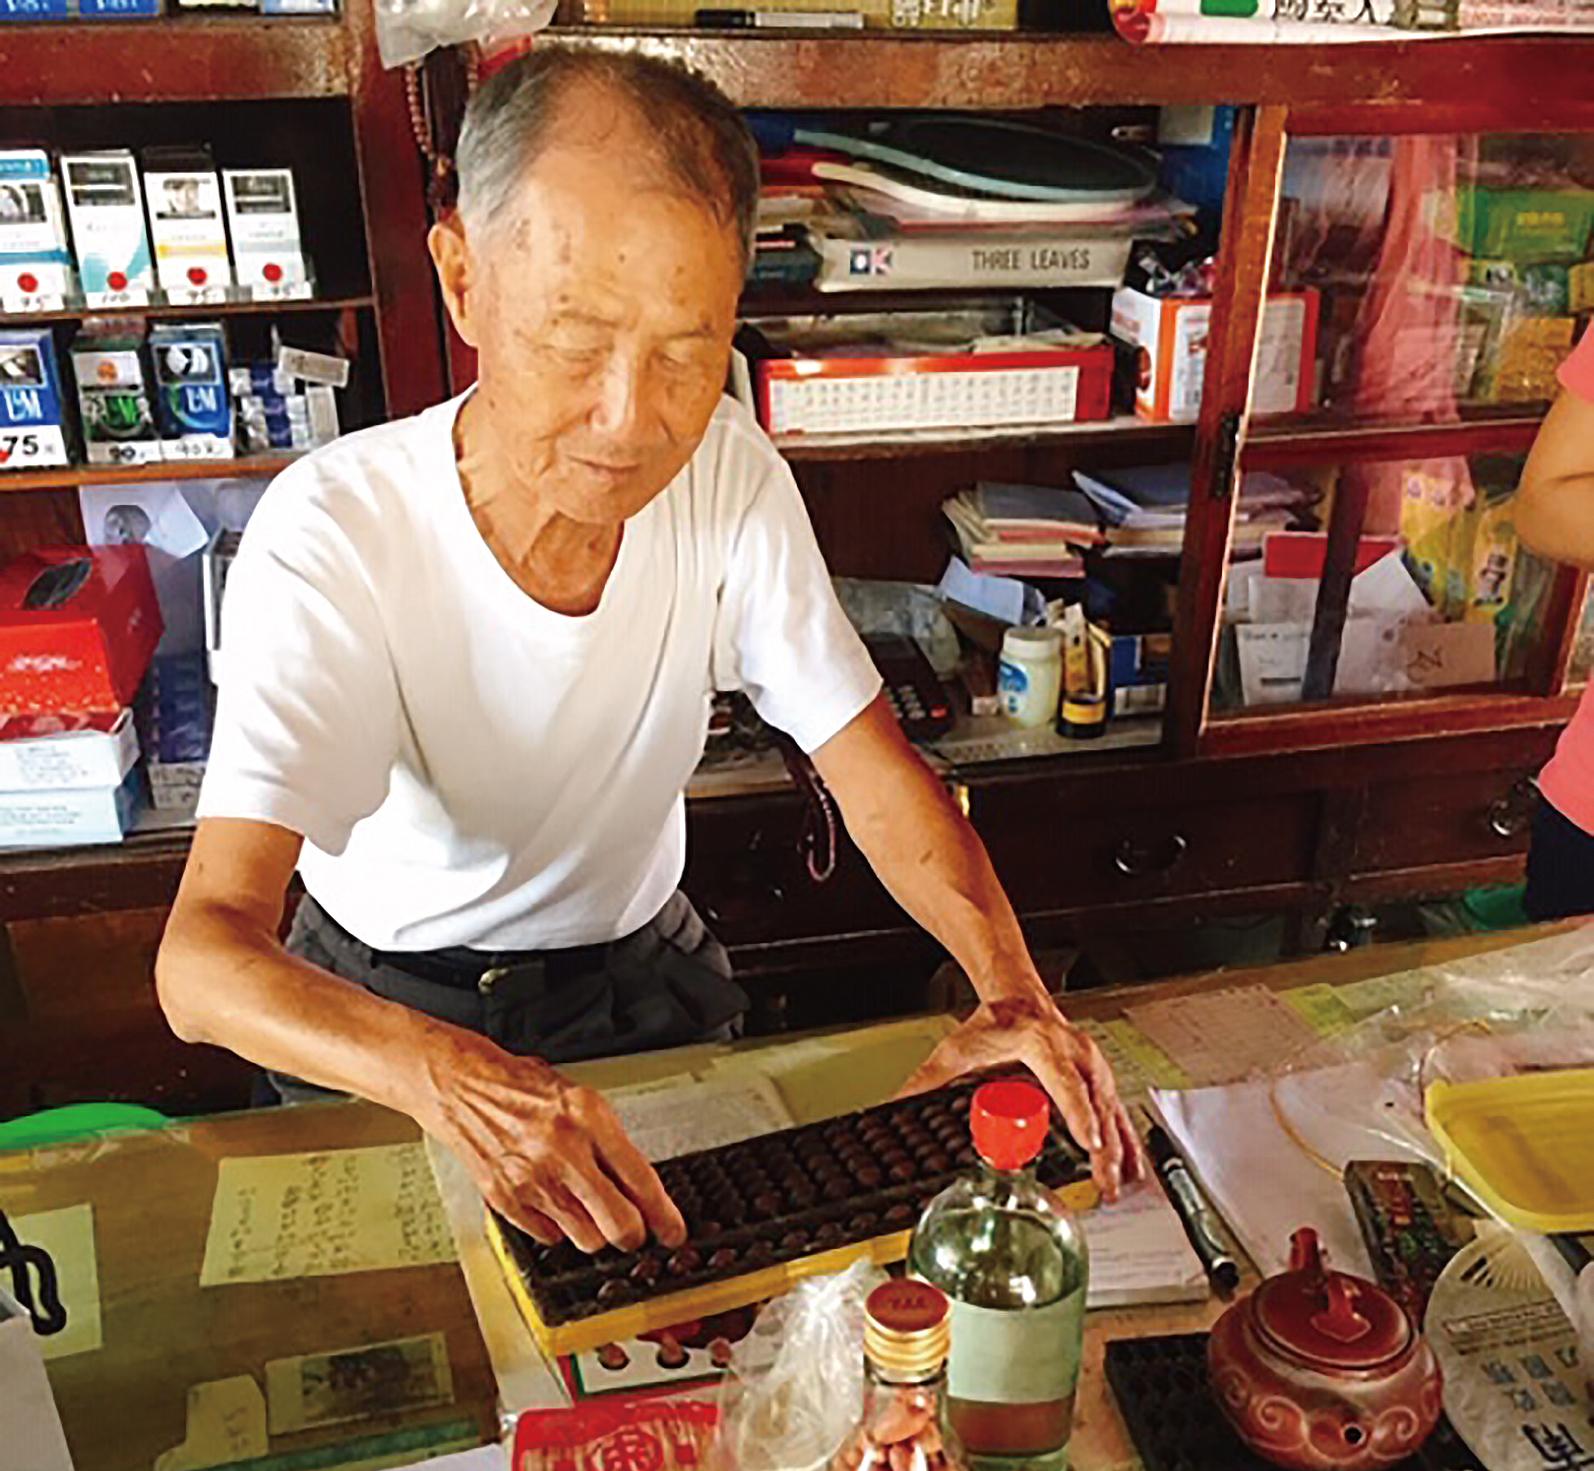 第二代經營者張錦運熟稔地使用算盤幫顧客計算金額。-01.JPG